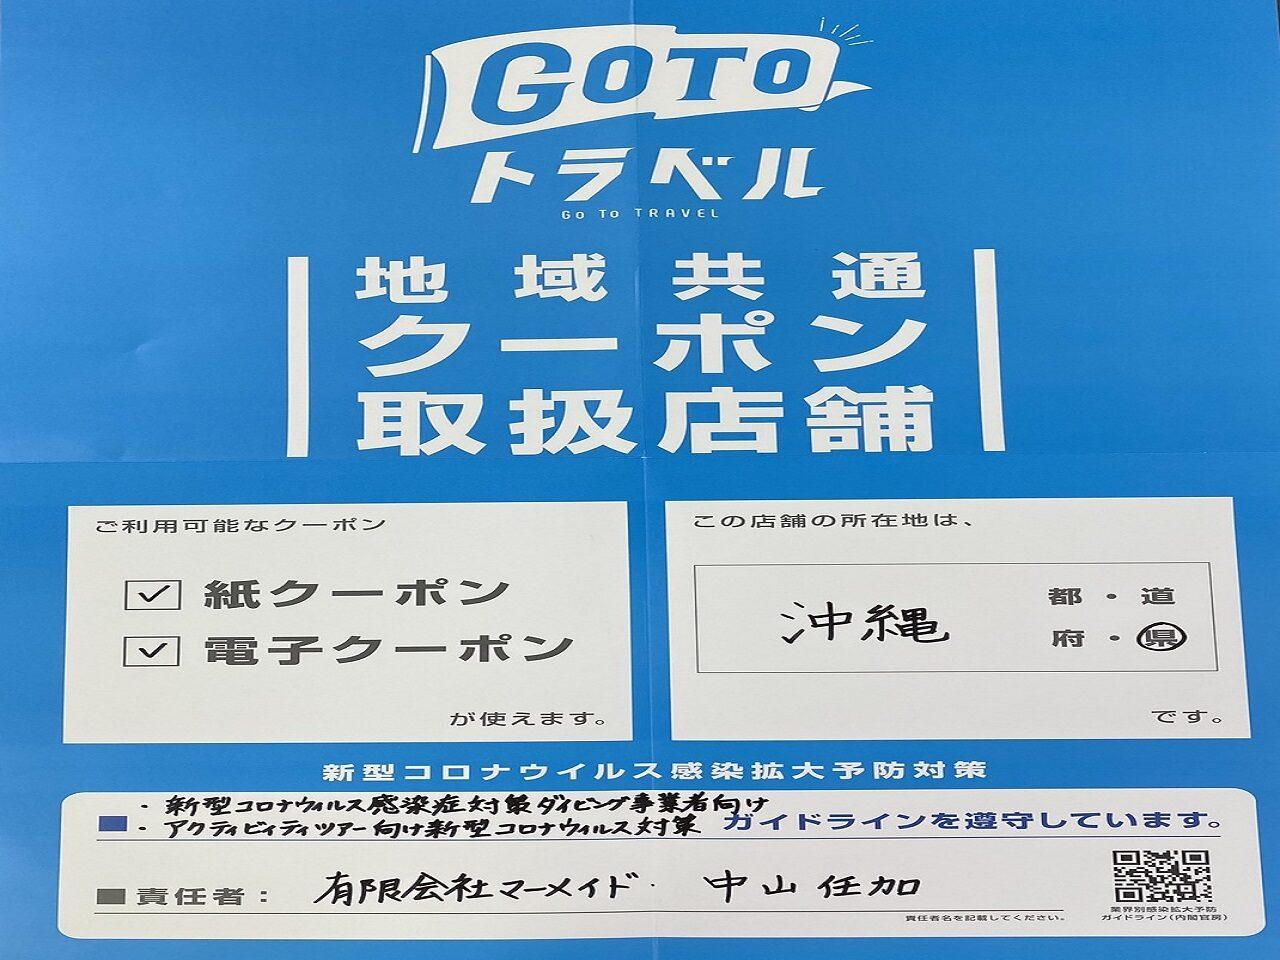 GOTOトラベル 共通クーポン取り扱い開始!!